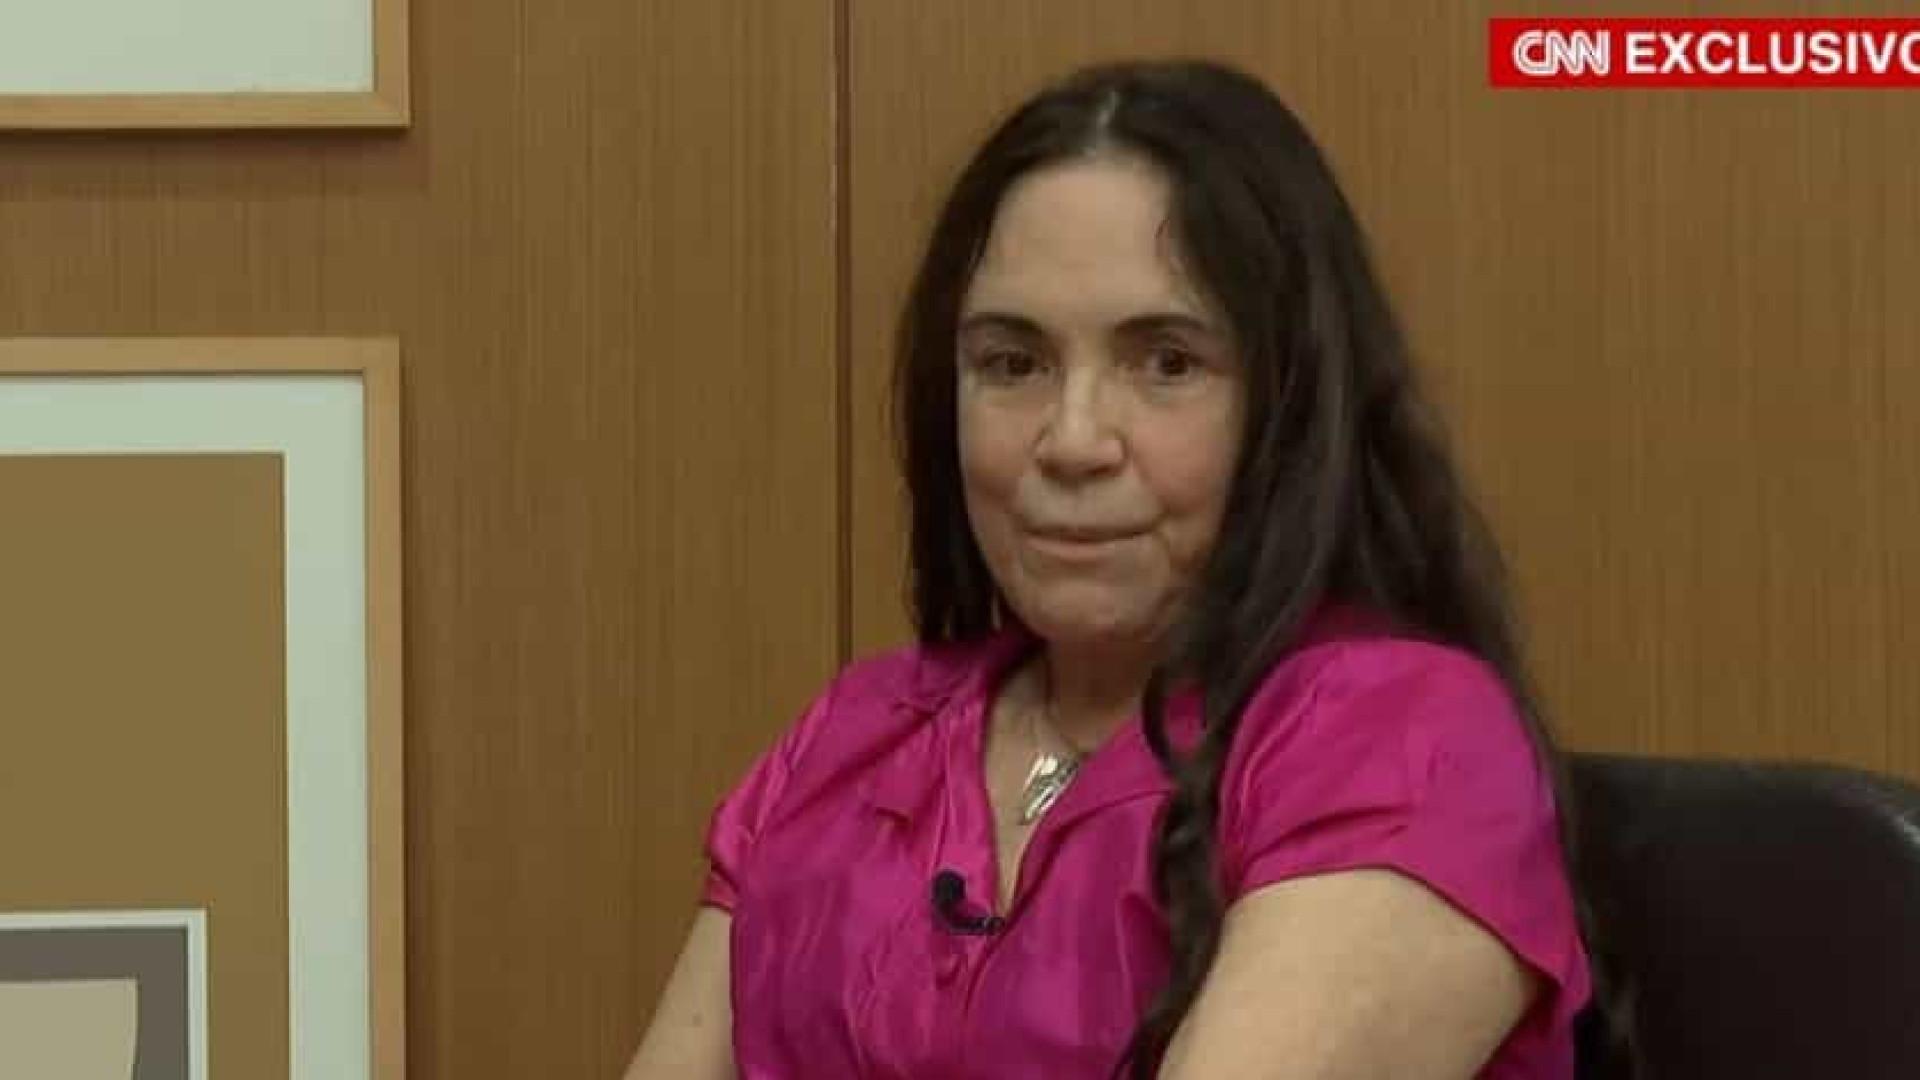 Em entrevista, Regina Duarte dá chilique e canta música da ditadura